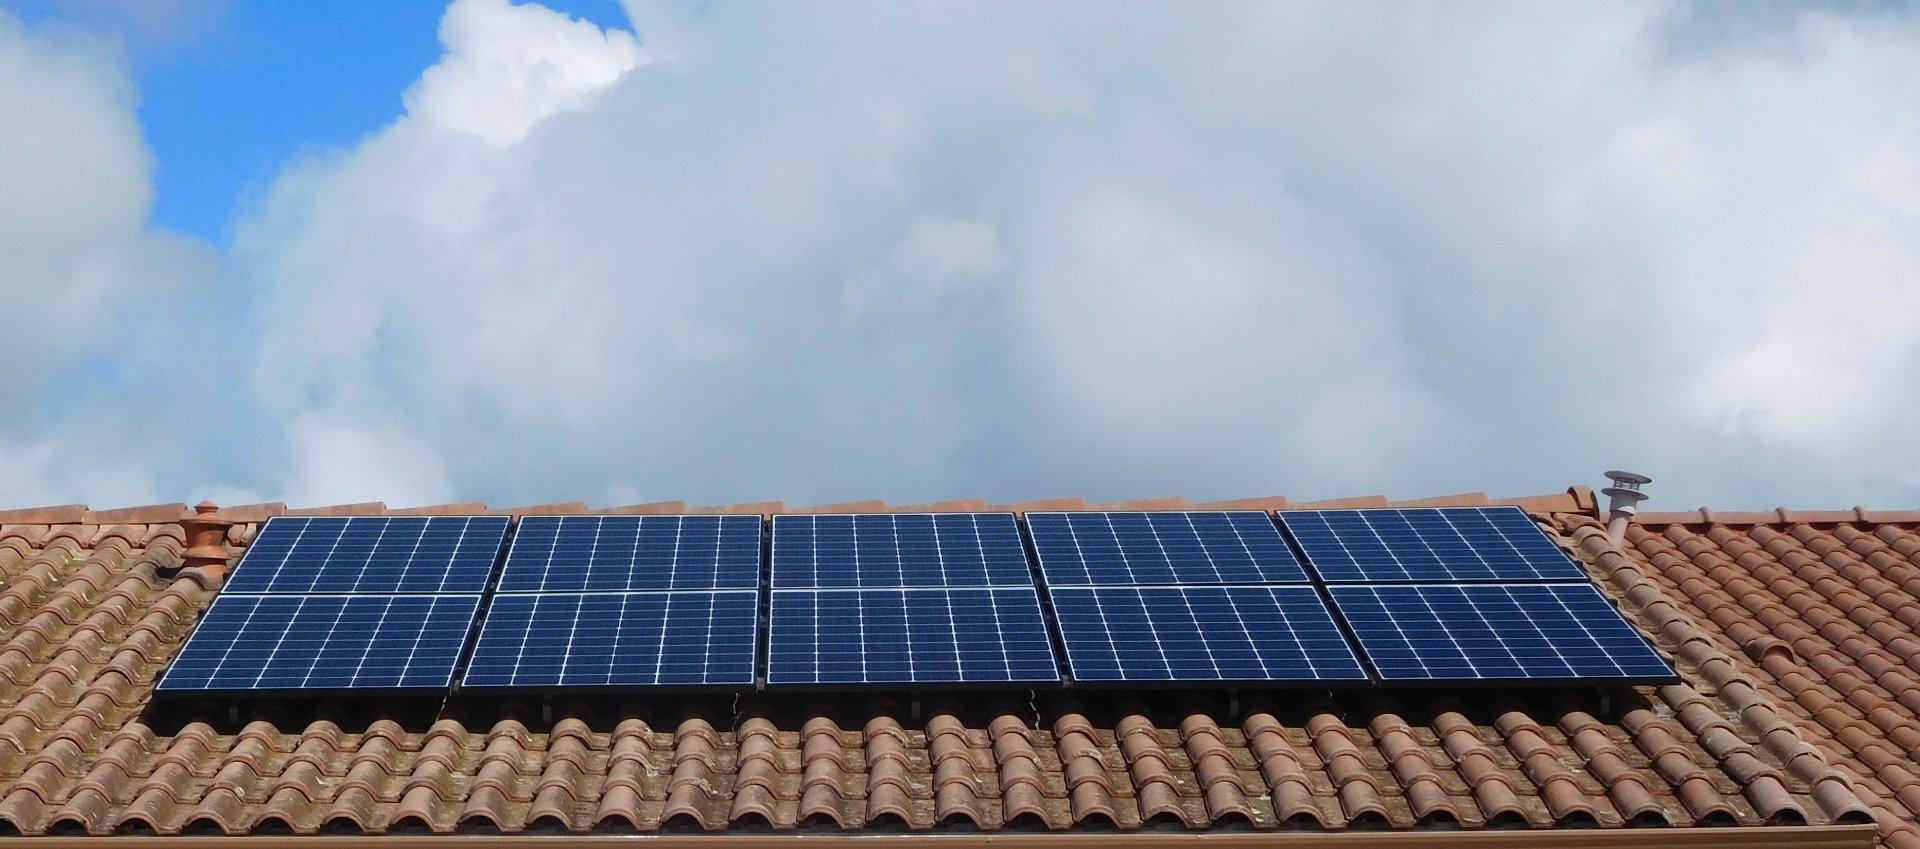 Photovoltaïque - Hautes Pyrénées